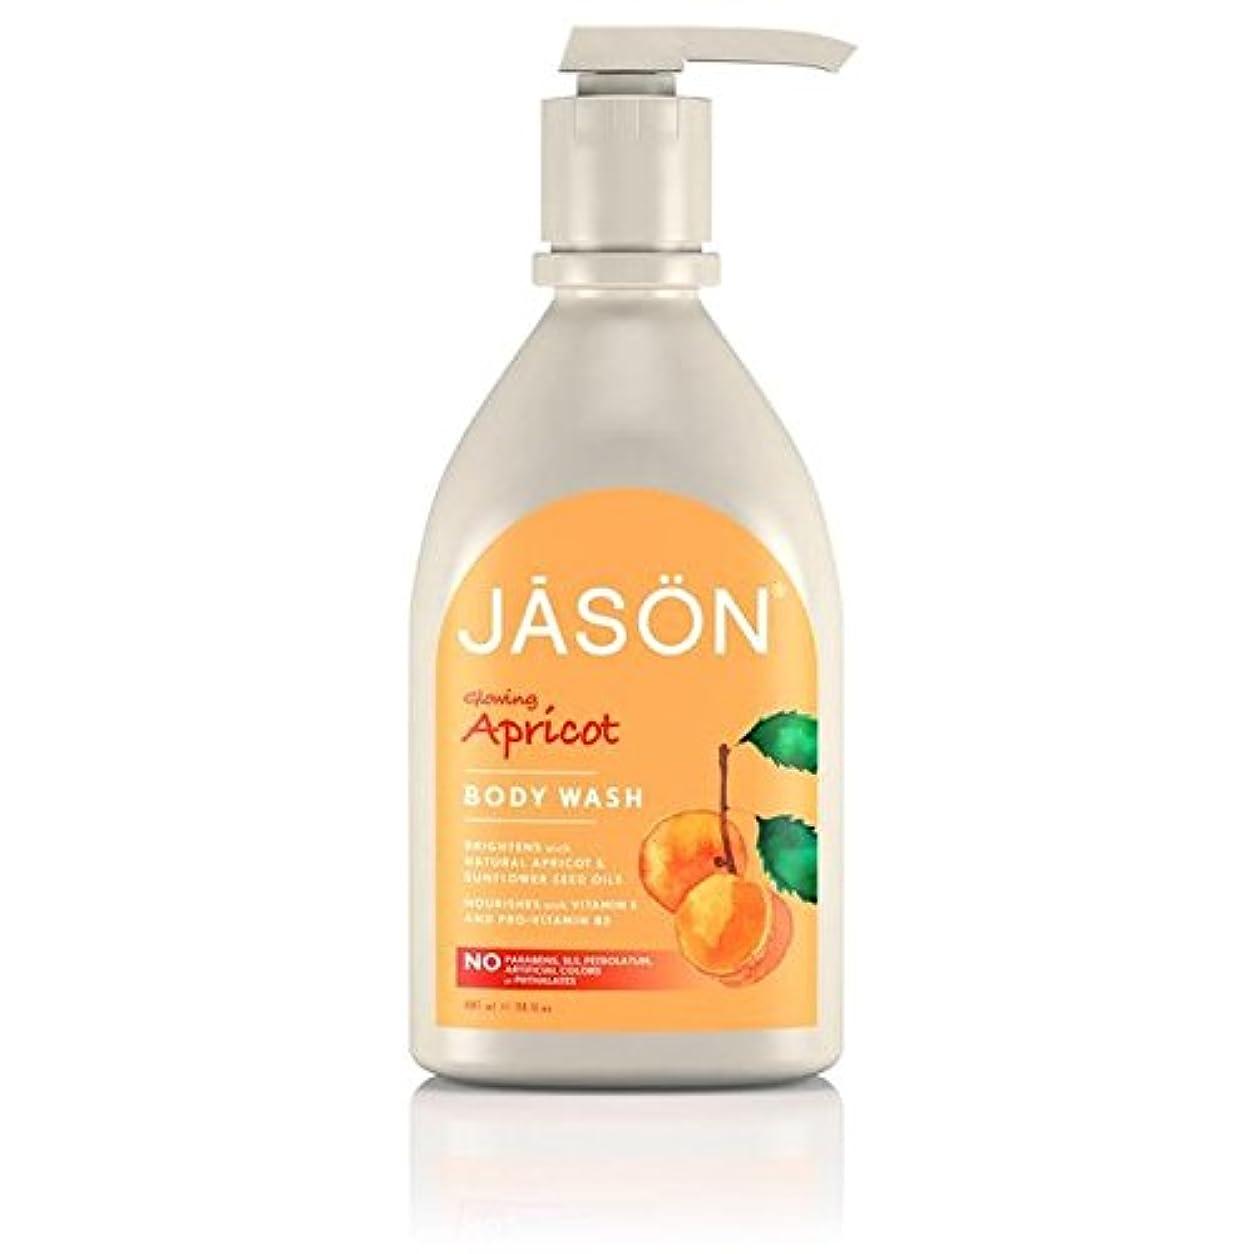 レスリングインフルエンザ祈るJason Apricot Satin Body Wash Pump 900ml - ジェイソン?アプリコットサテンボディウォッシュポンプ900ミリリットル [並行輸入品]